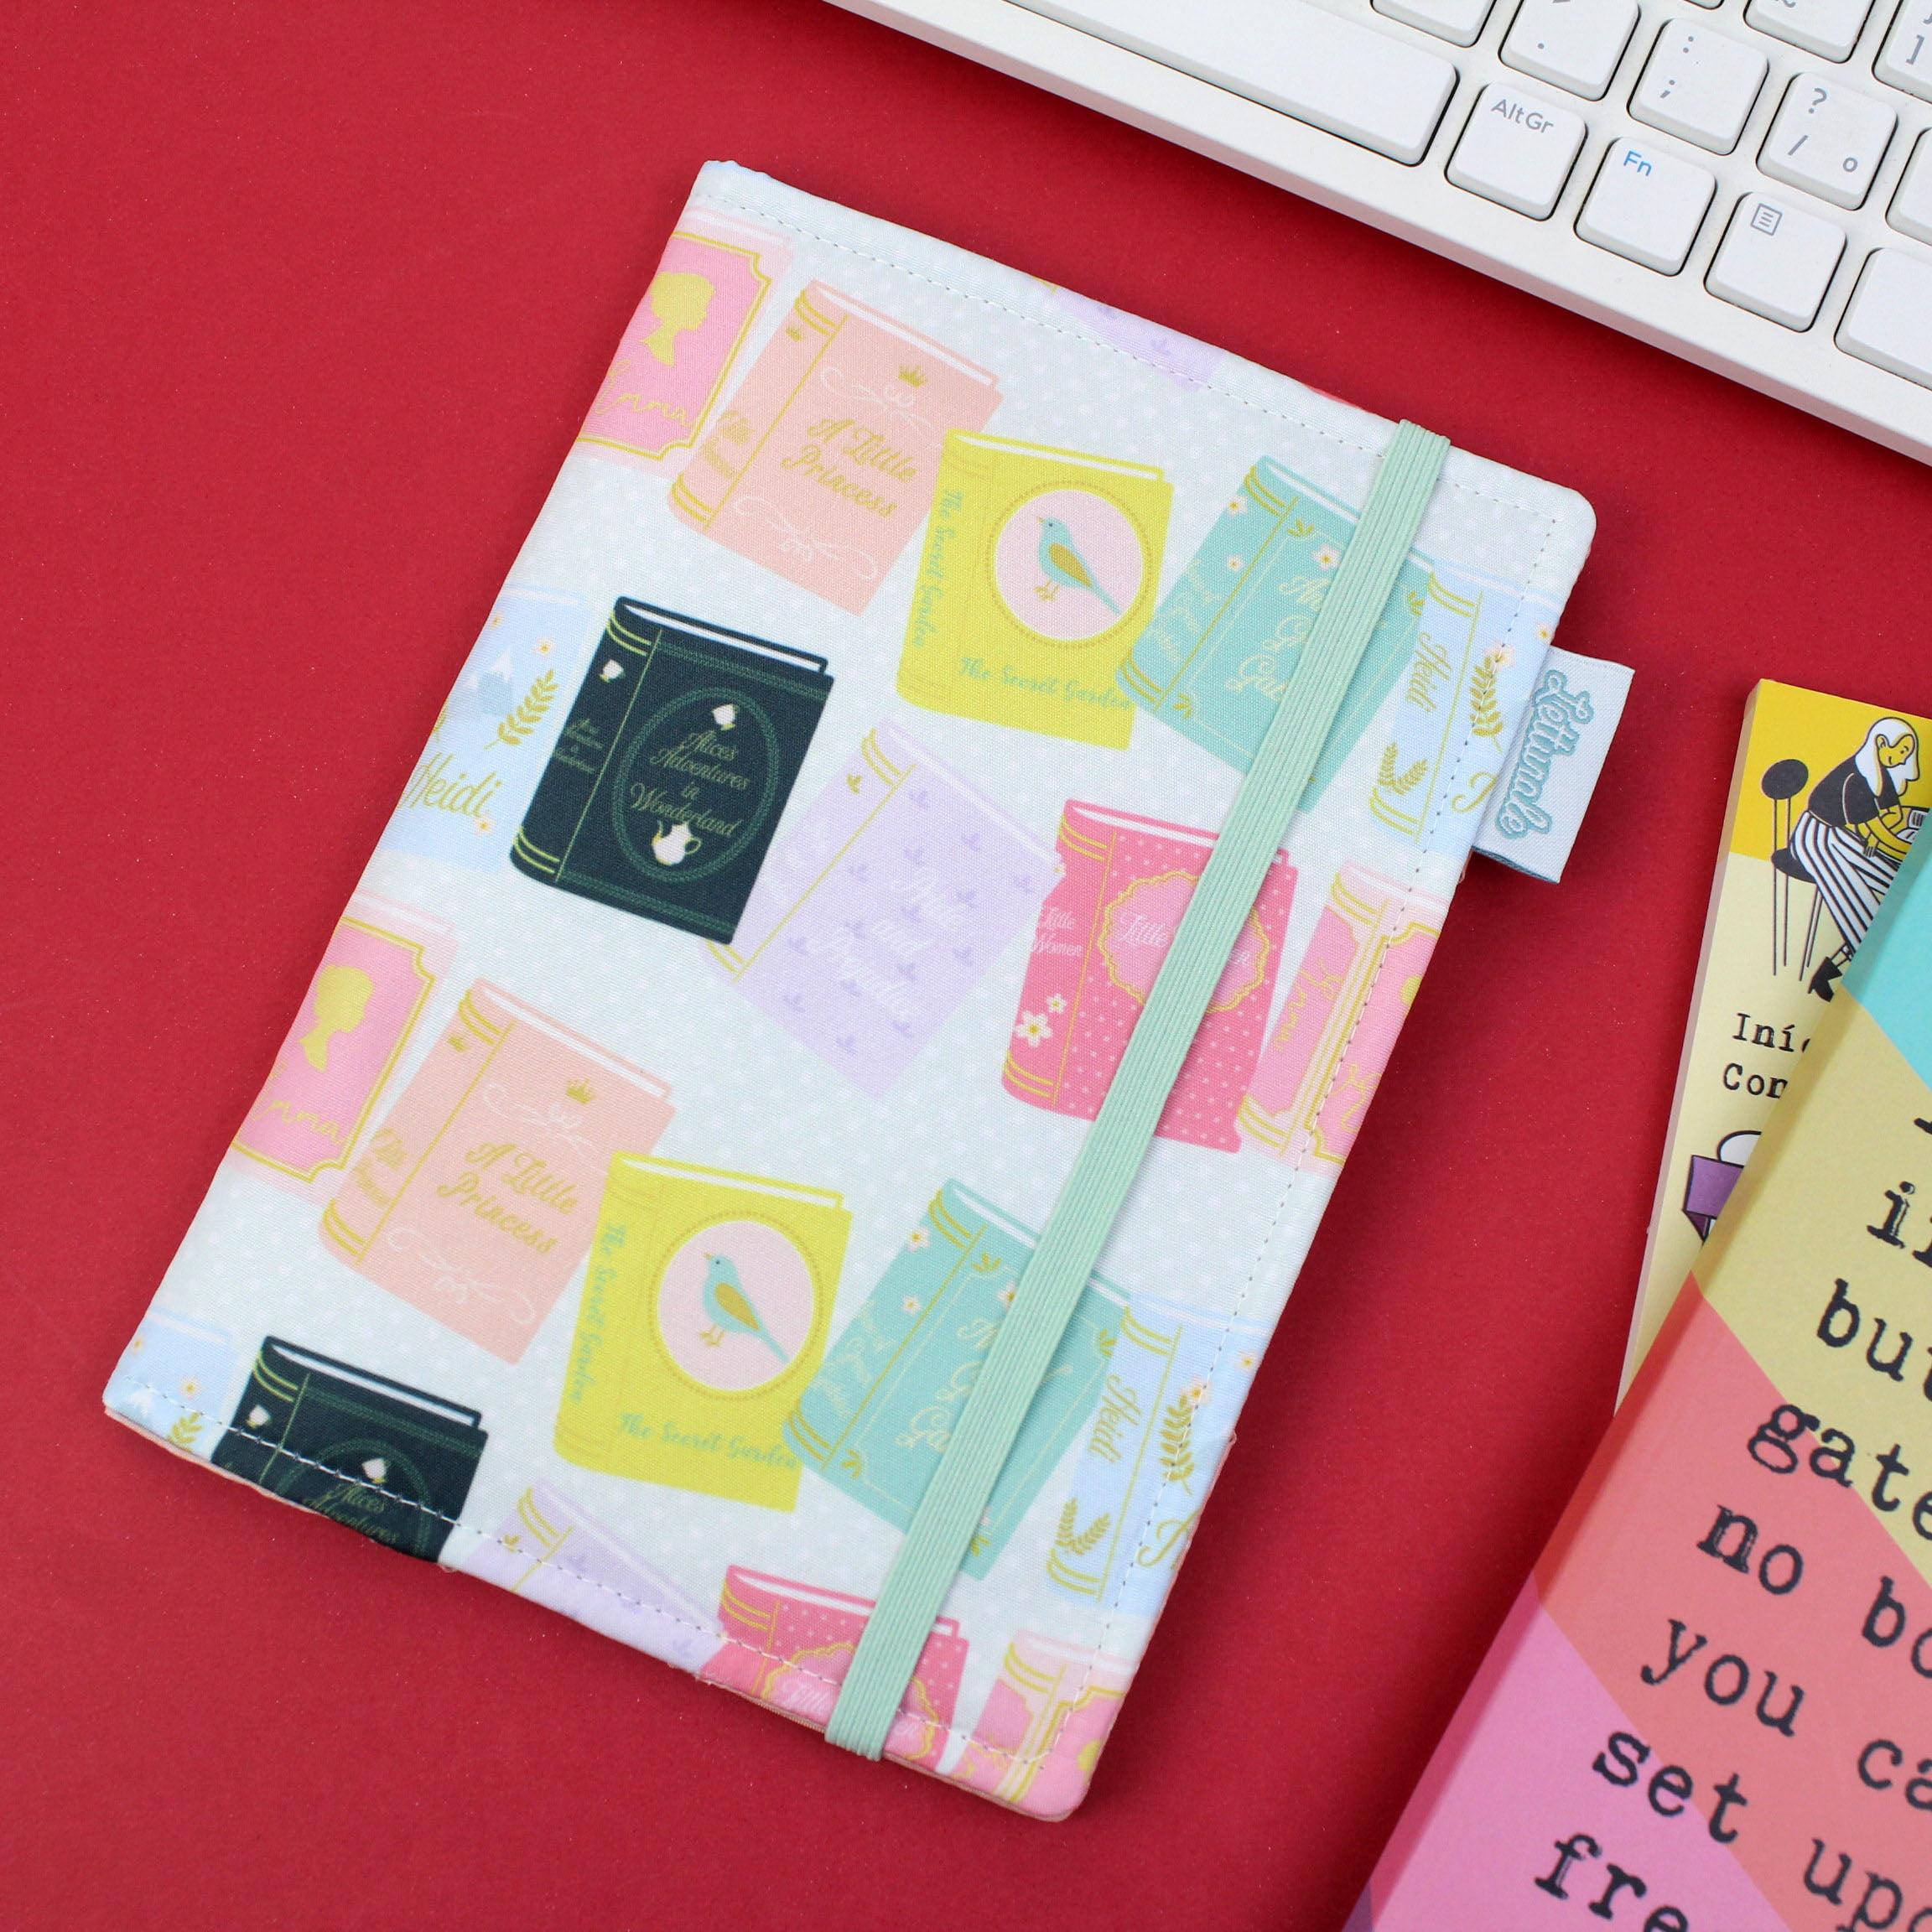 Capa para Kindle PaperWhite Livrinhos - PRAZO DE PRODUÇÃO: 15 DIAS ÚTEIS